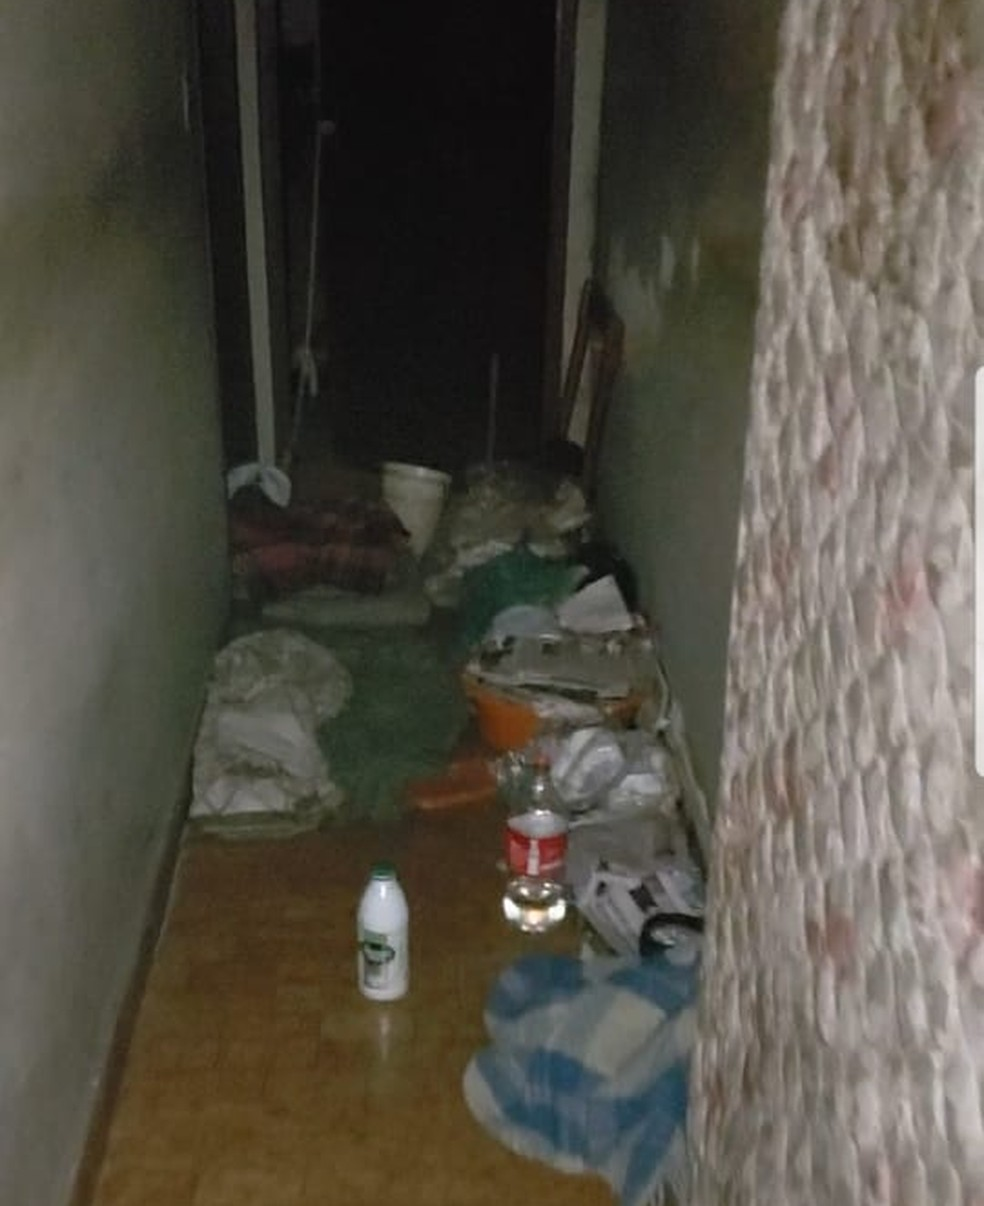 Corretor de imóveis manteve mulher em cárcere privado por 20 dias em Piracicaba (Foto: Guarda Civil de Piracicaba)